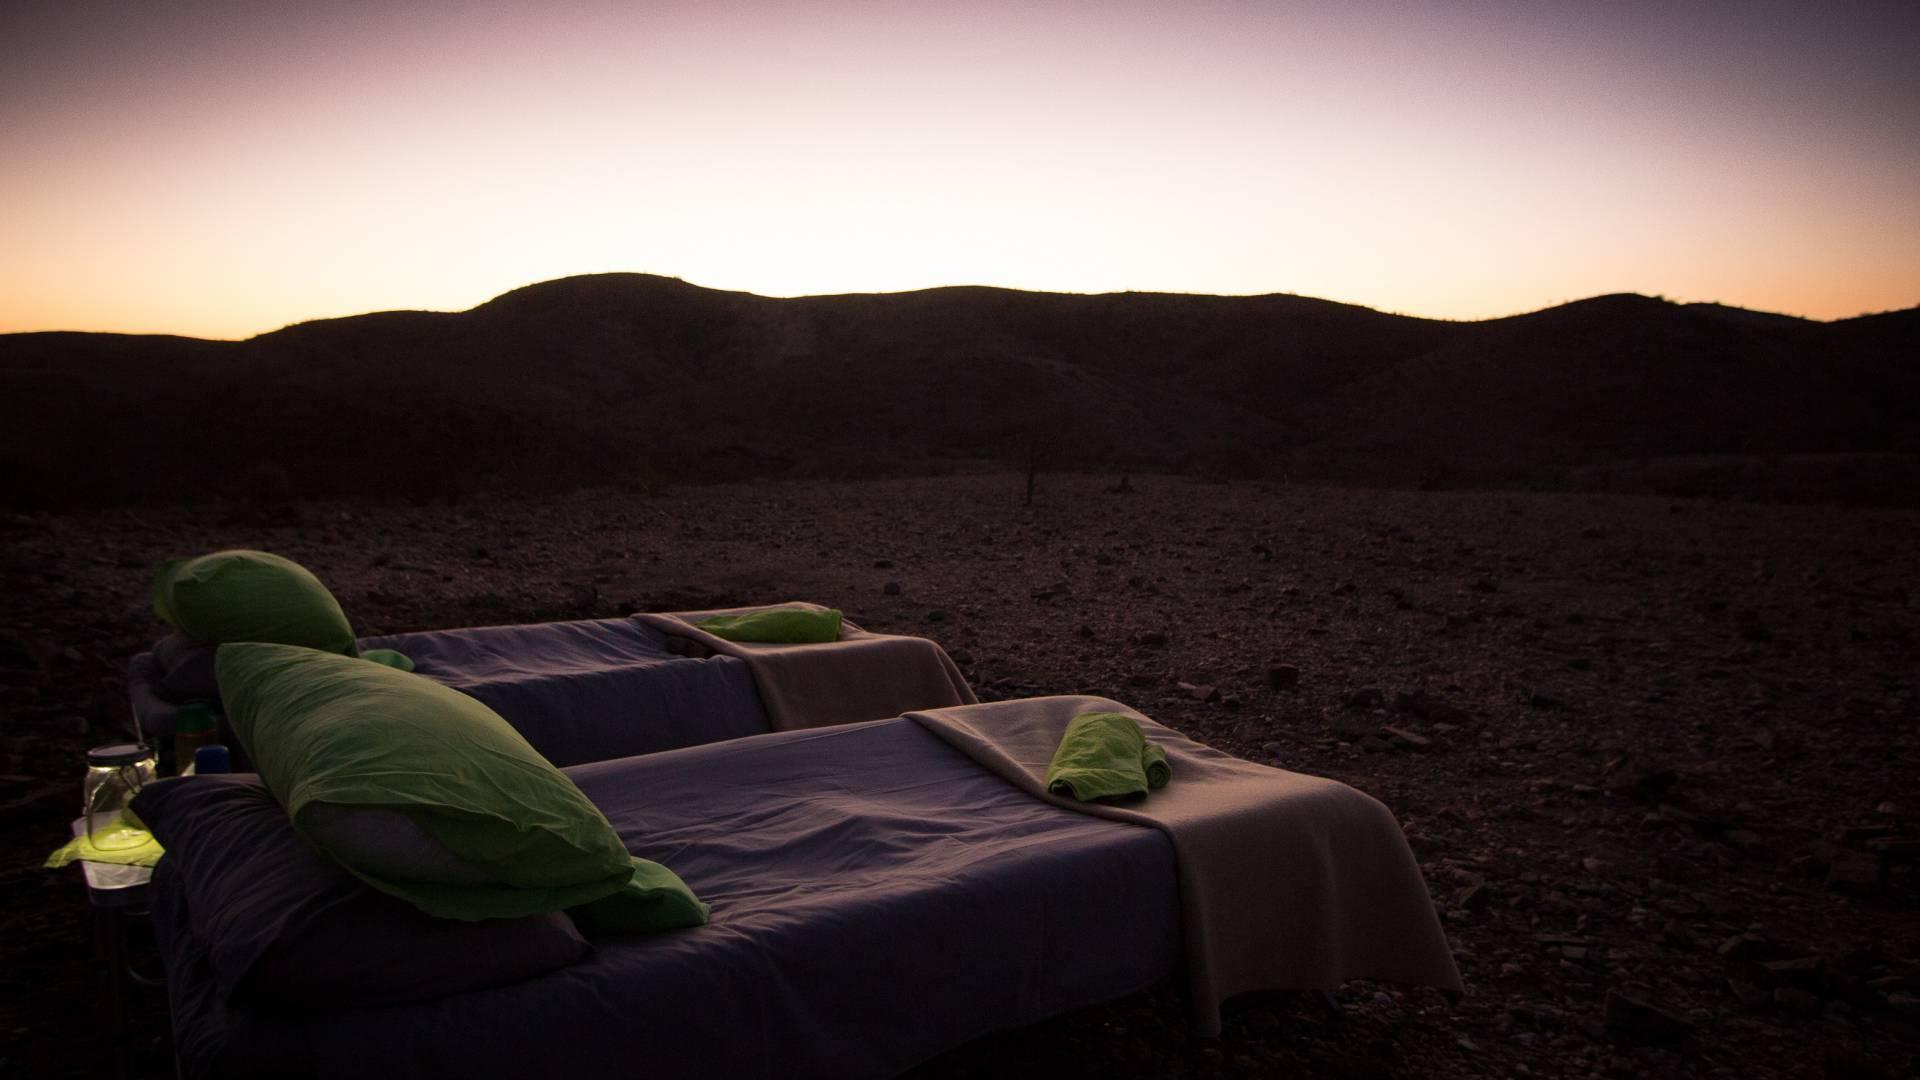 Sternen Himmel bett namibia